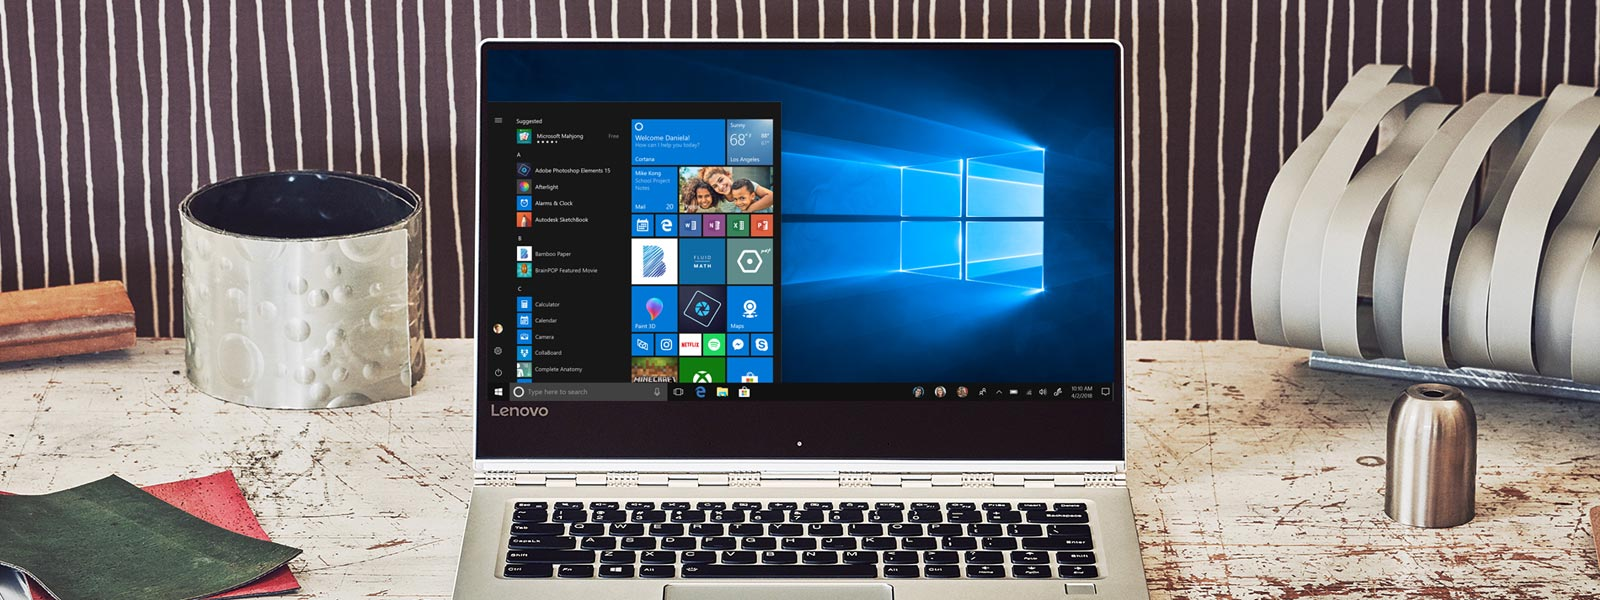 放在桌面上的笔记本电脑正在显示 Windows 10 的开始屏幕